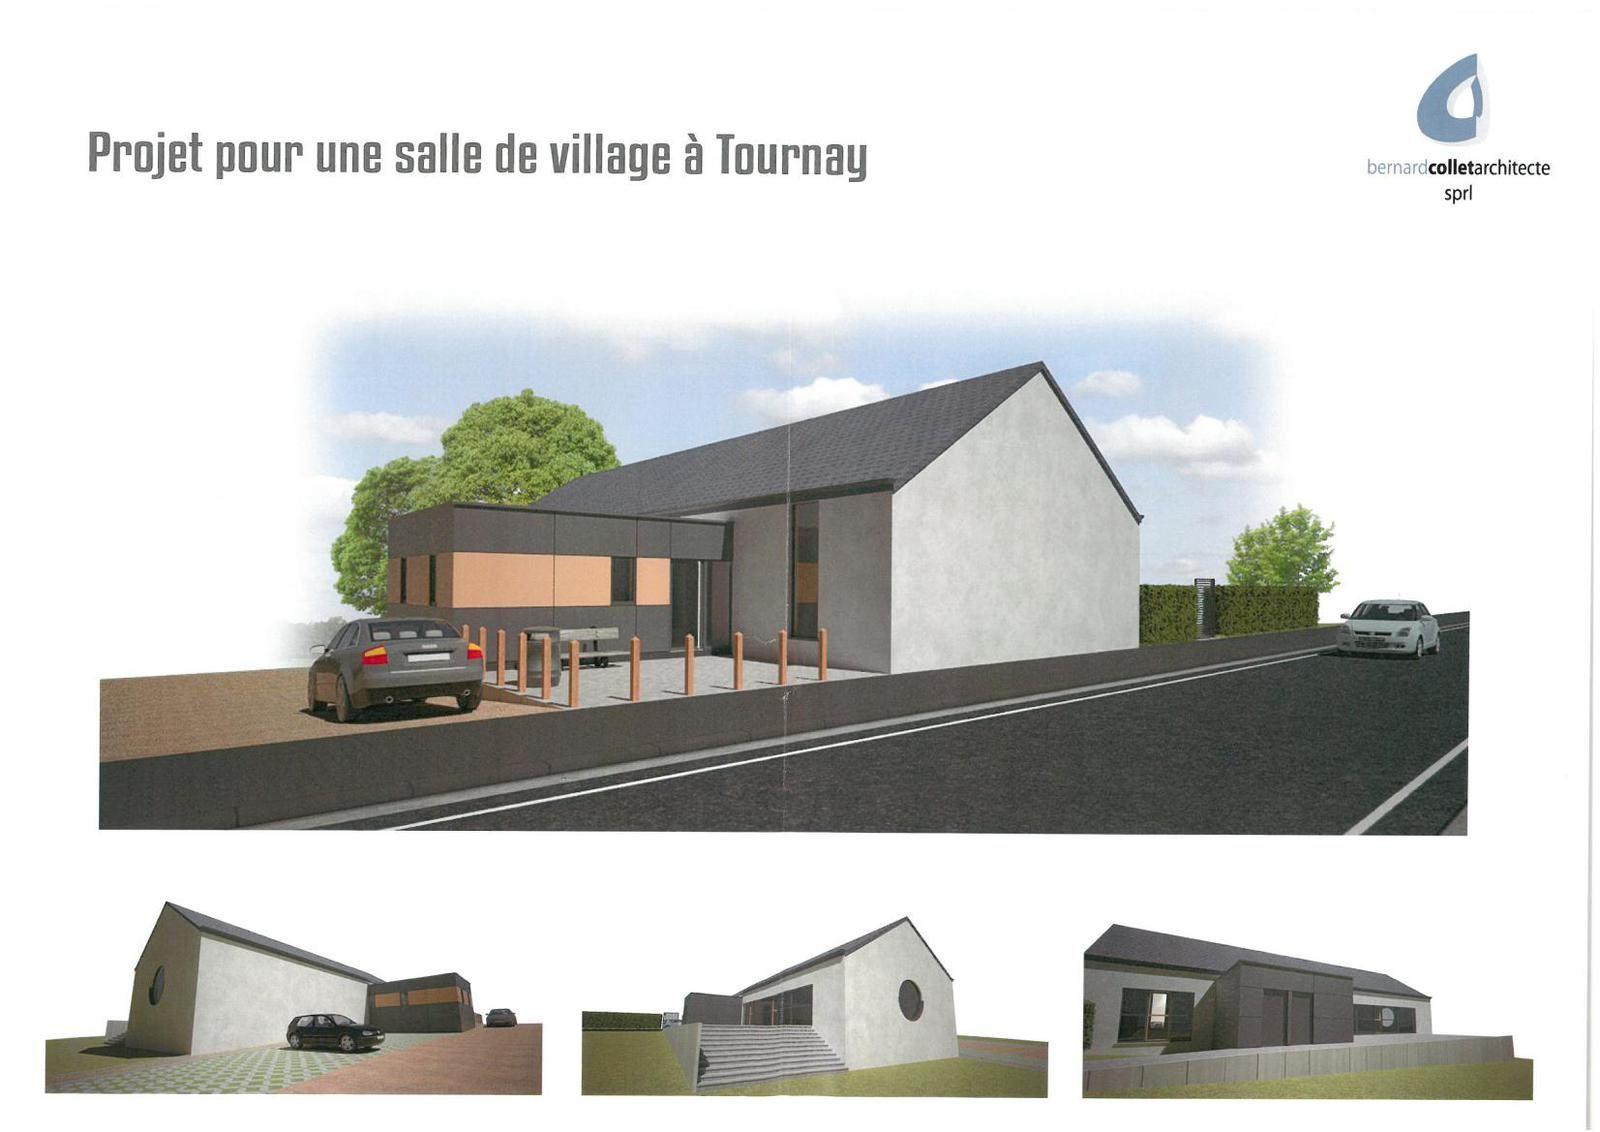 Maison de Tournay